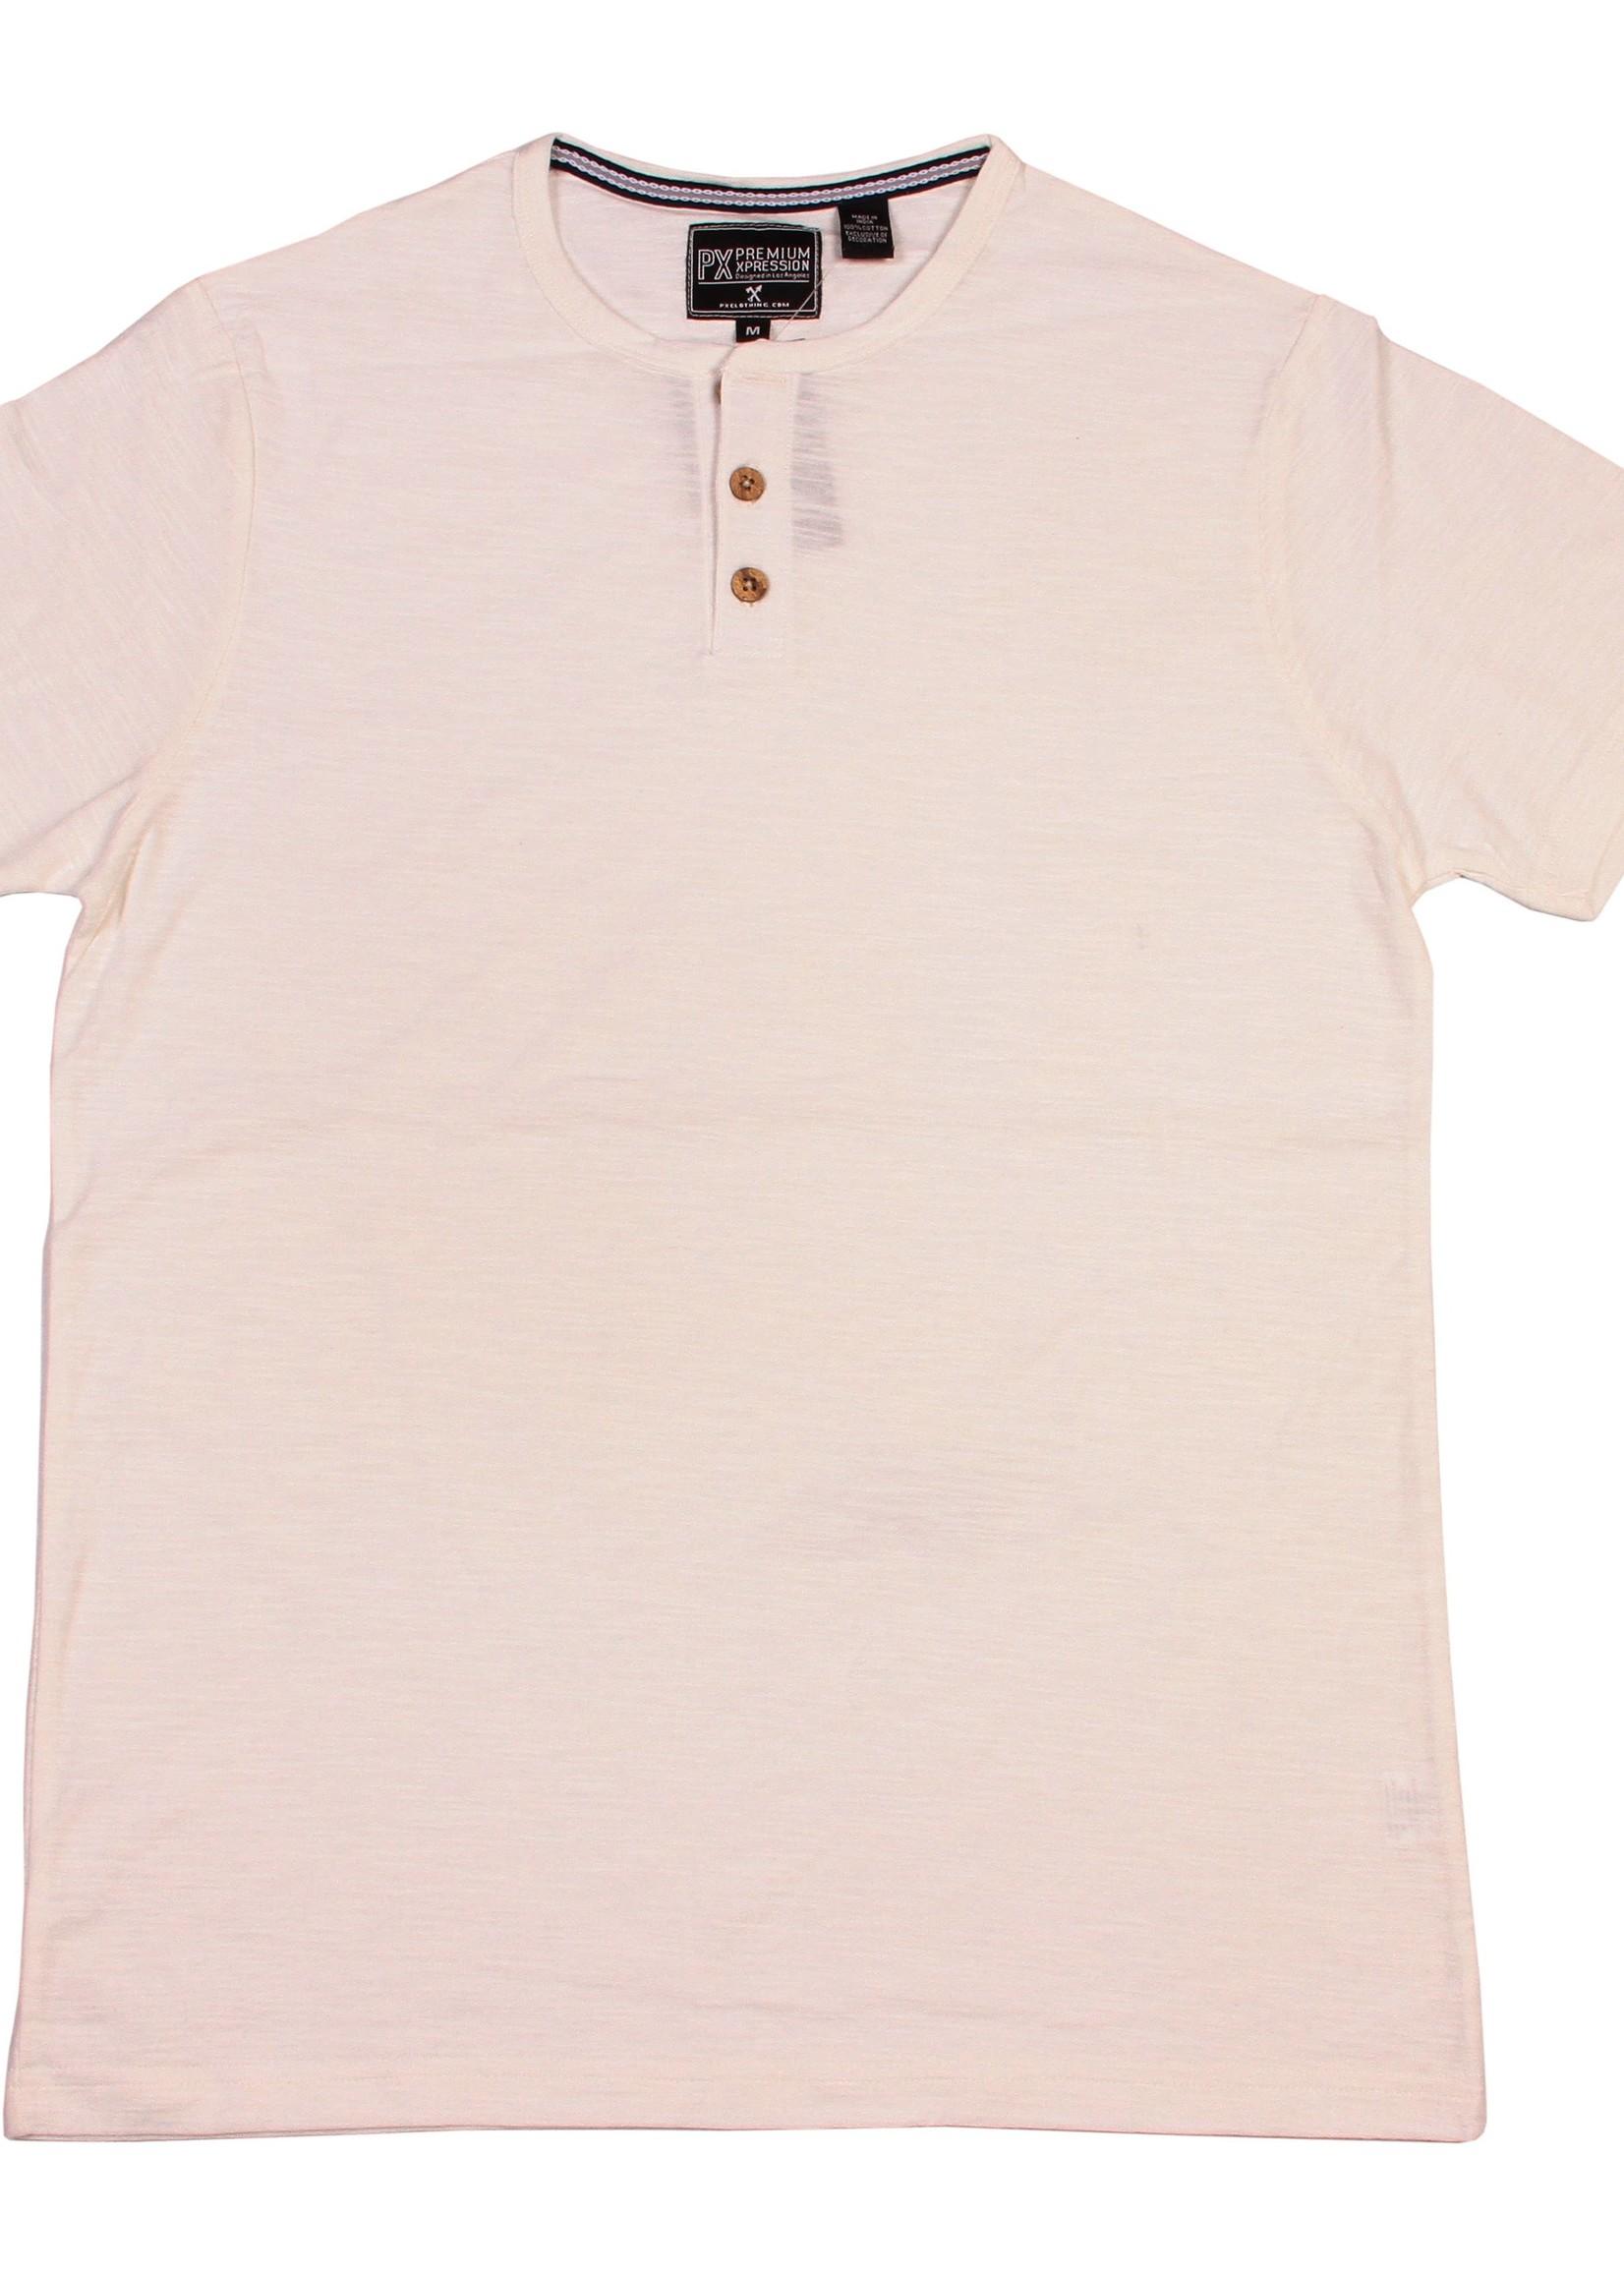 bear camp Henley Cream Shirt